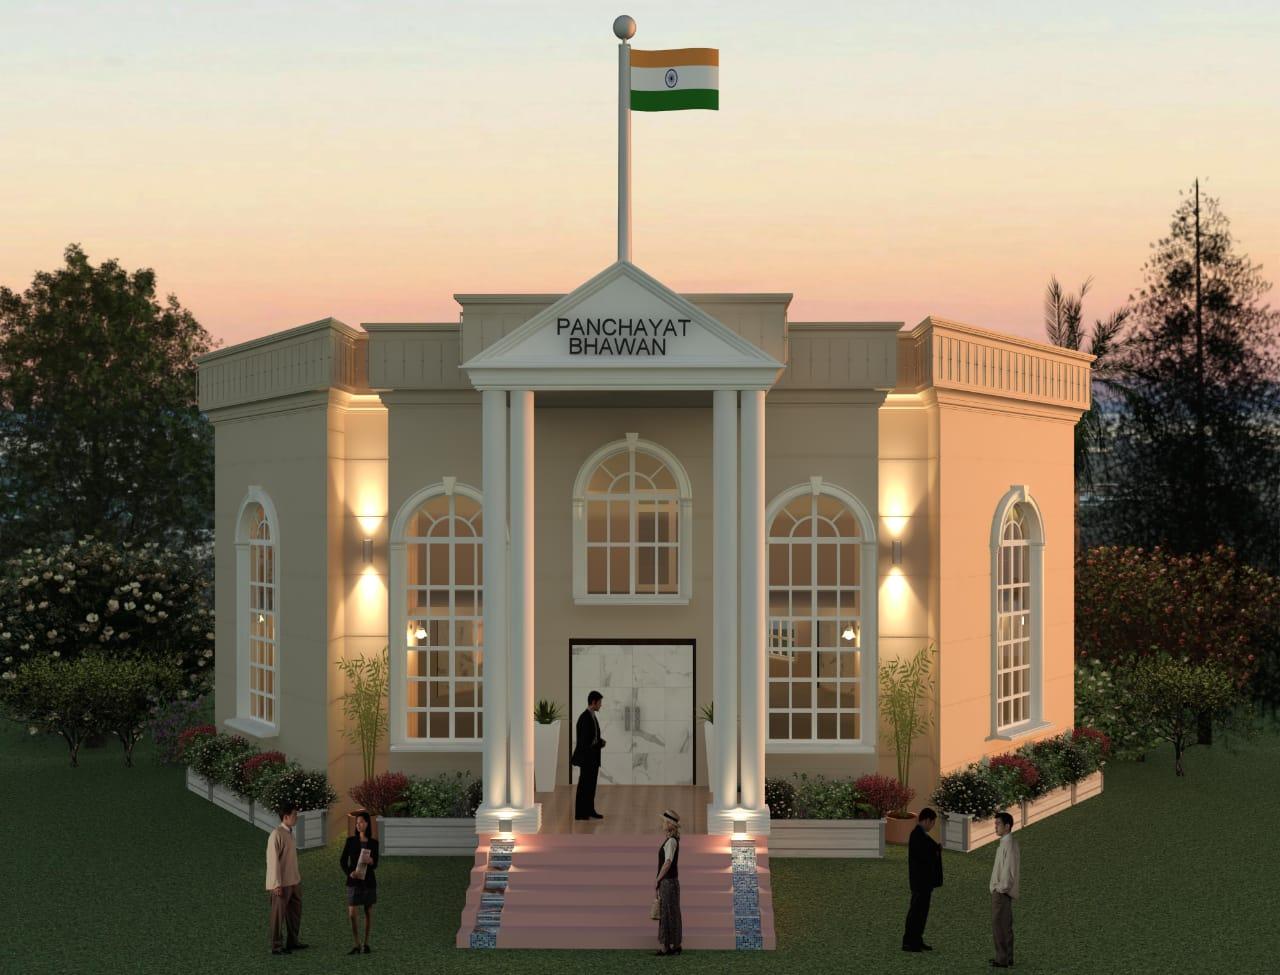 सेंट्रल विस्टा जैसा बने पंचायत भवन, प्रशासन तय डिजाइन पर ही काम कराने पर अड़ा|होशंगाबाद,Hoshangabad - Dainik Bhaskar